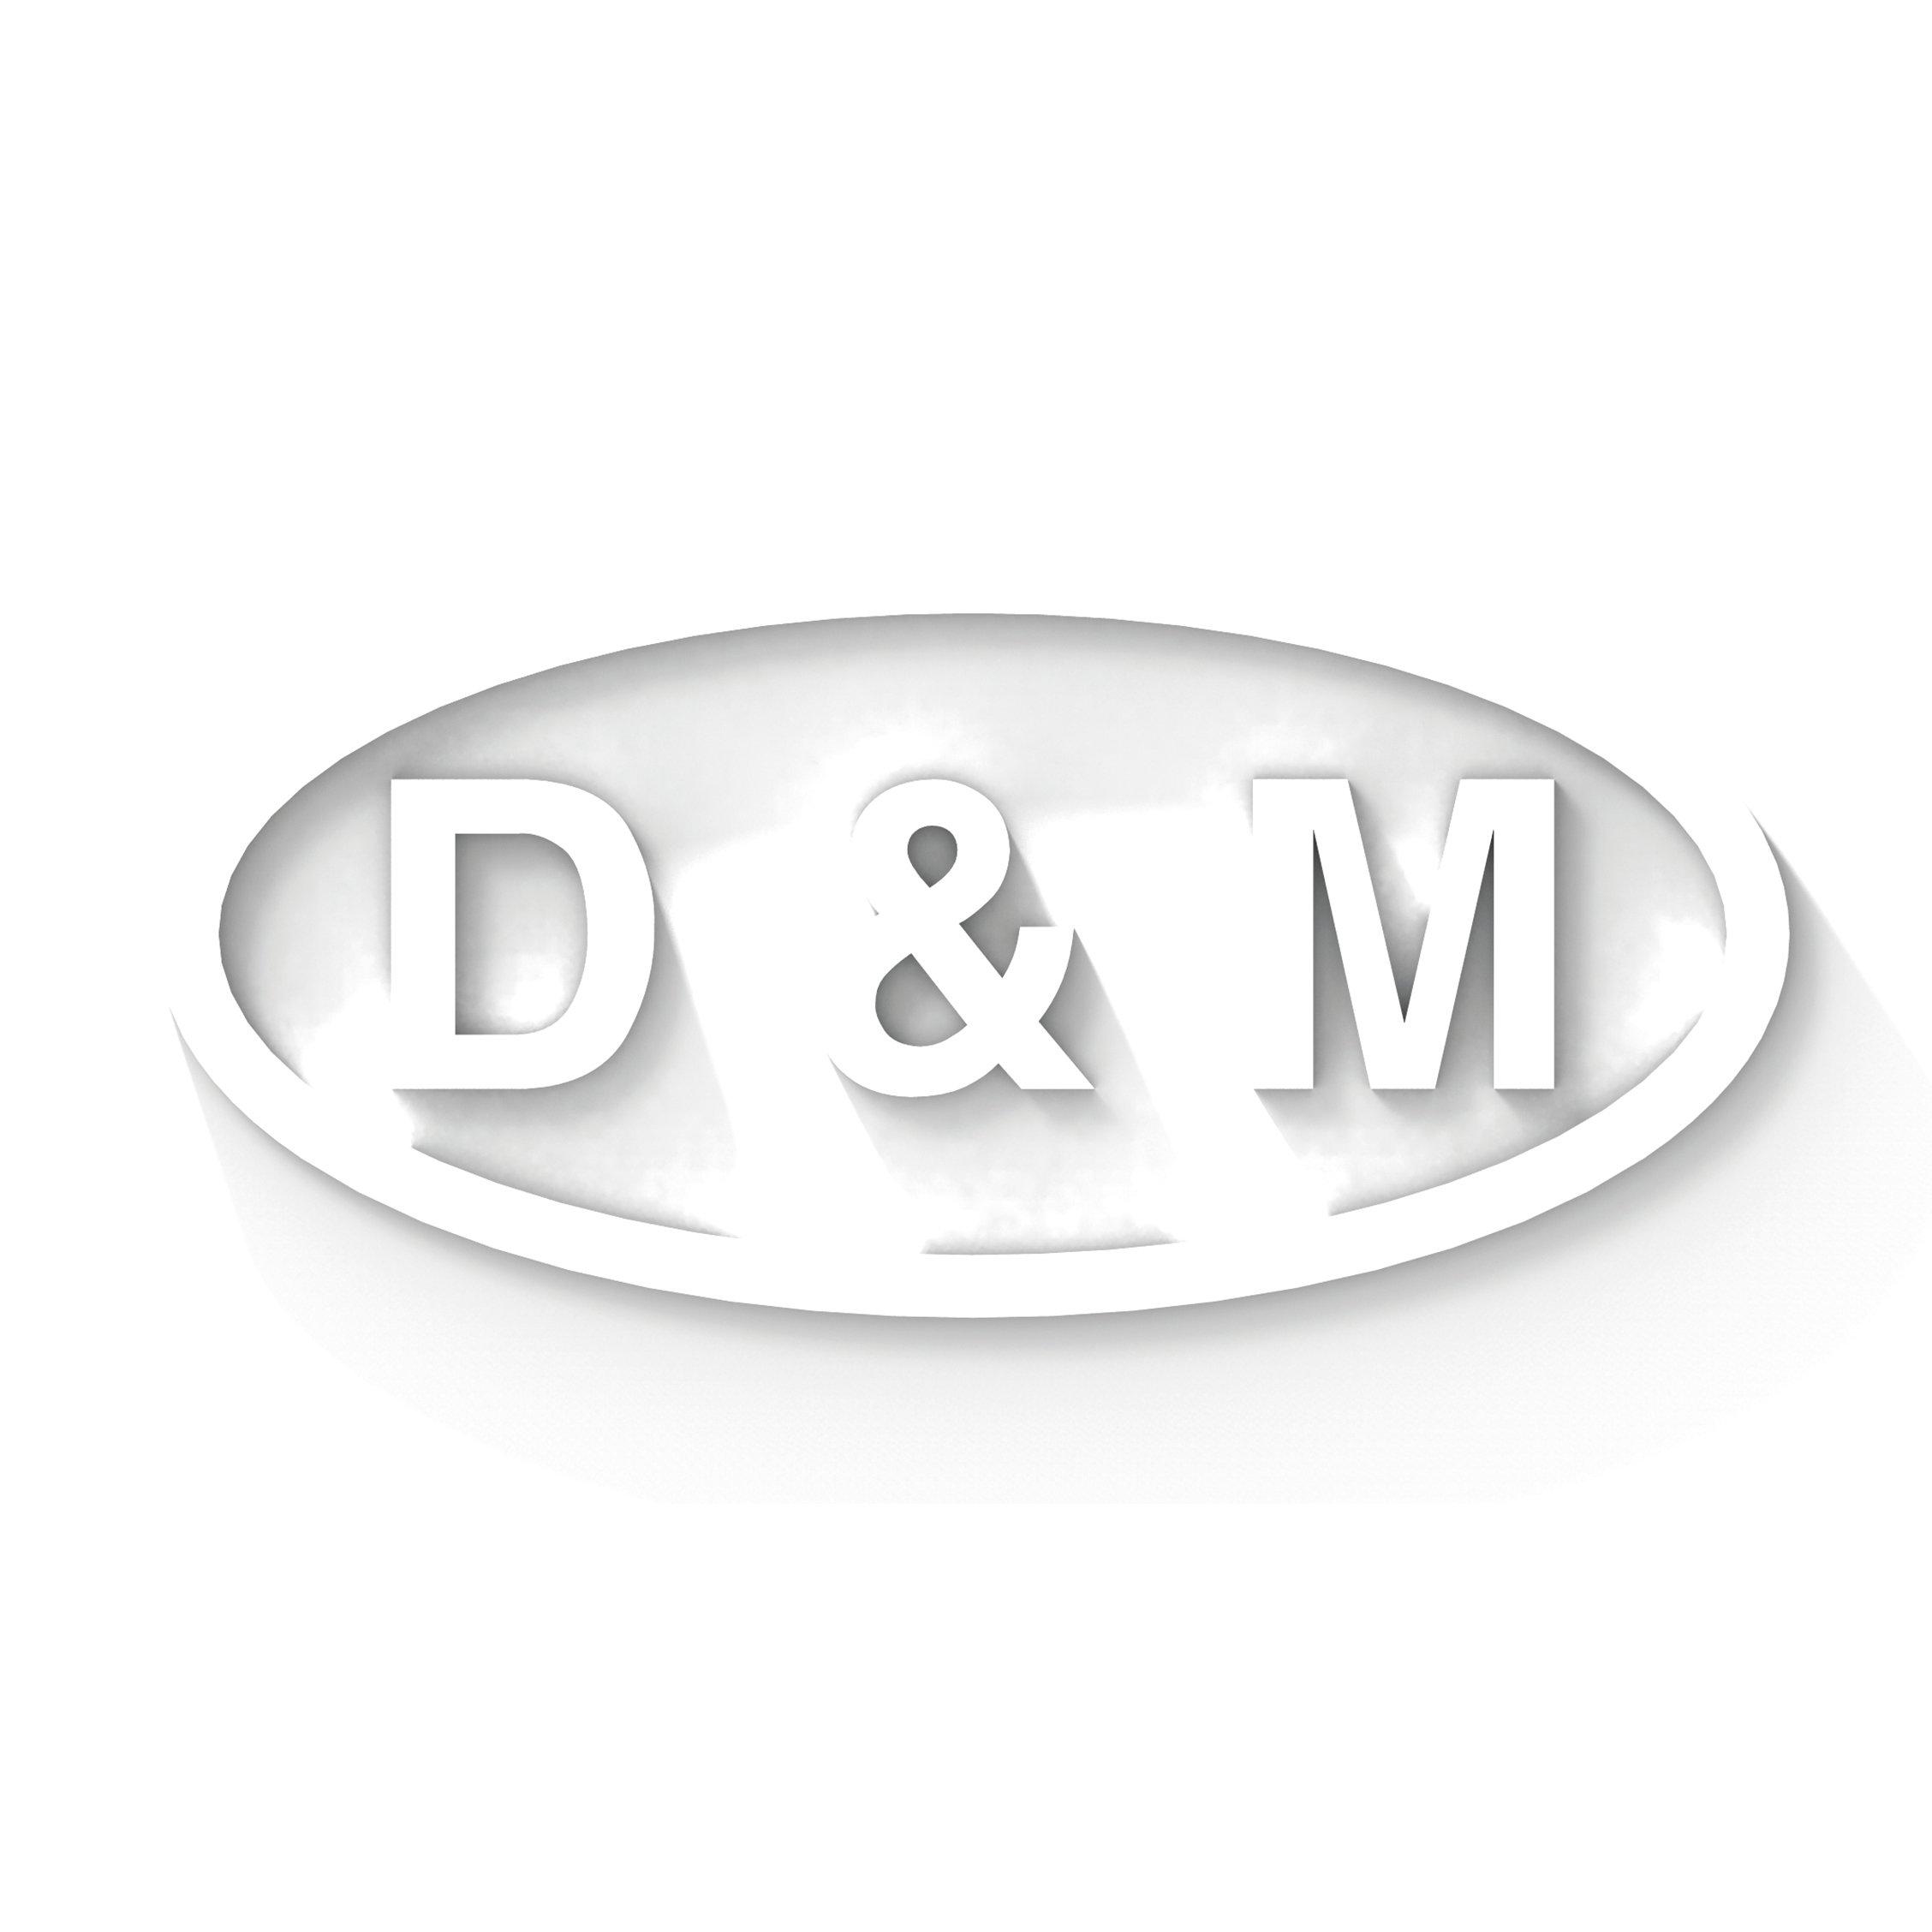 Designandmore3D